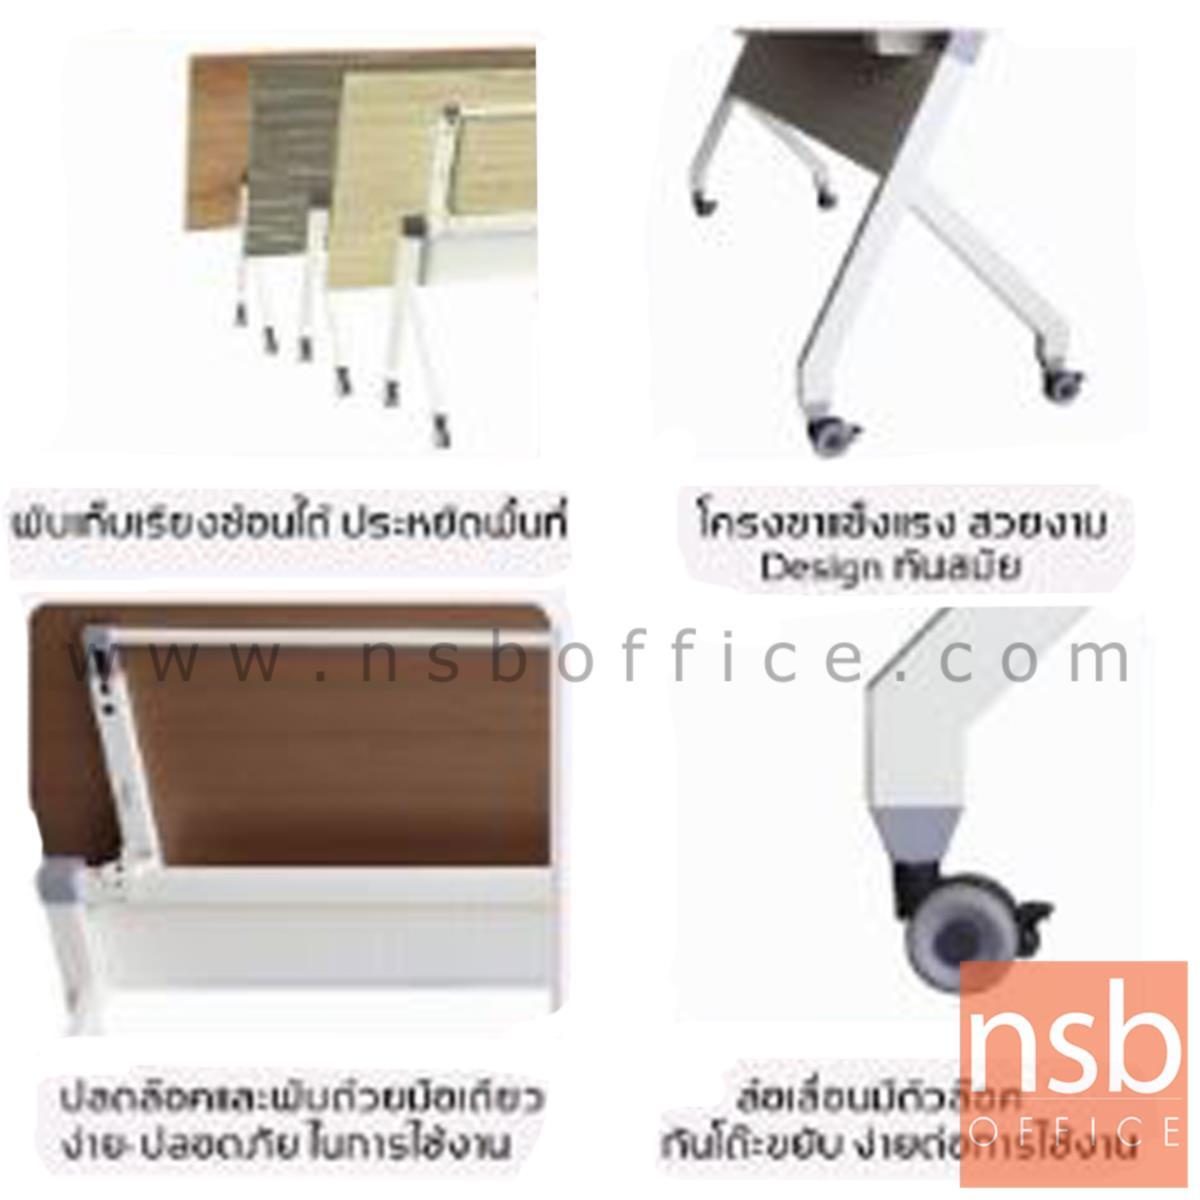 โต๊ะประชุมพับเก็บล้อเลื่อน รุ่น THUERINGEN (ทูรินเจีย) ขนาด 160W ,180W*60D ,80D cm.